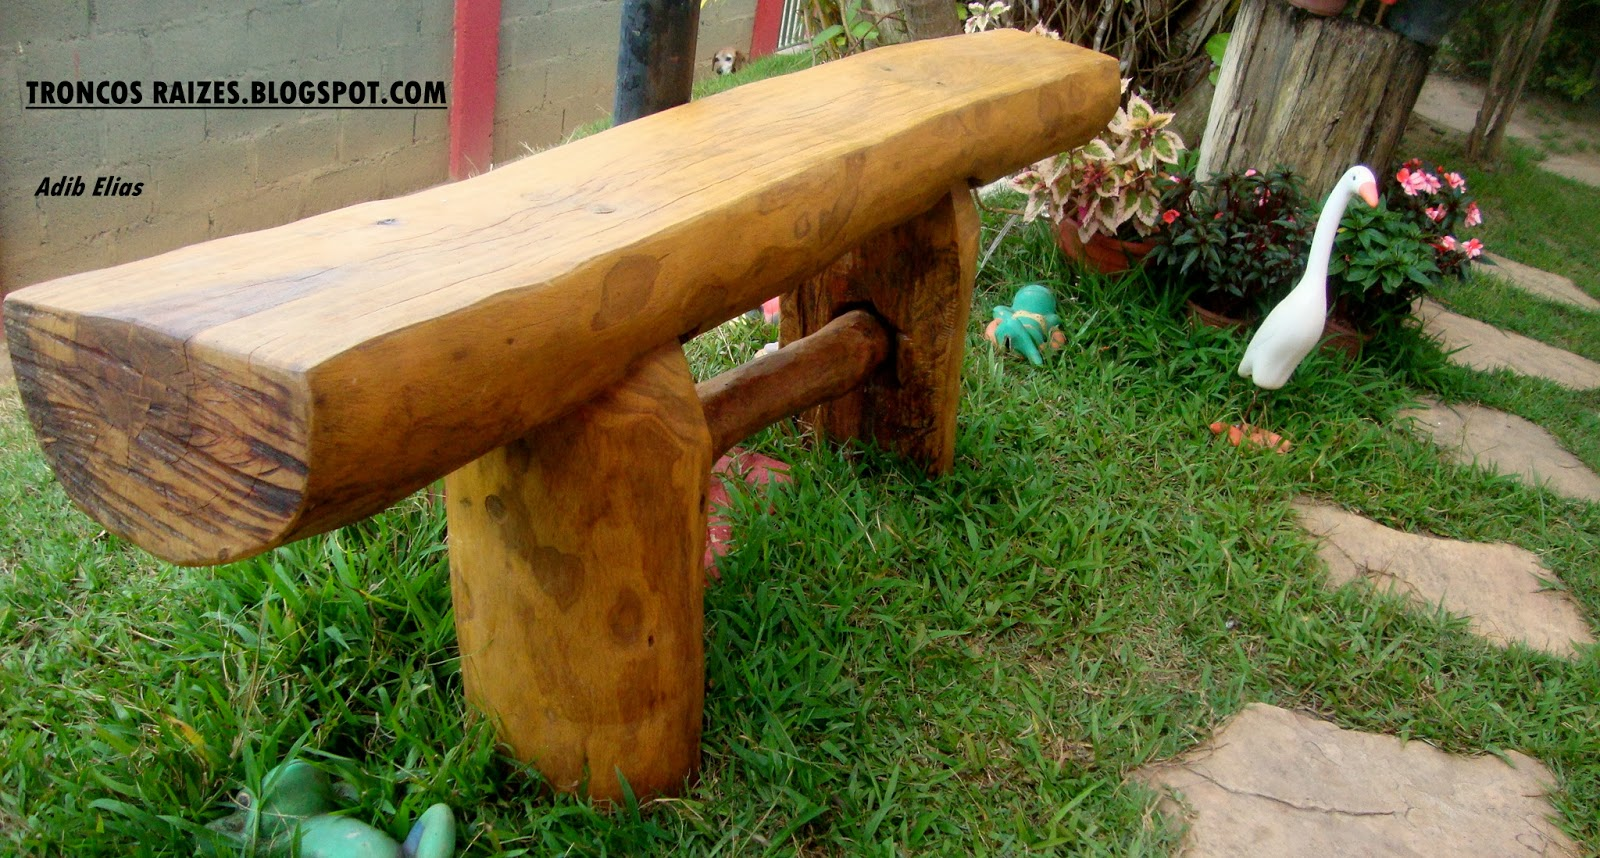 de jardim rustico:Banco rústico para jardim em madeira reciclada de  #6F3D0F 1600x858